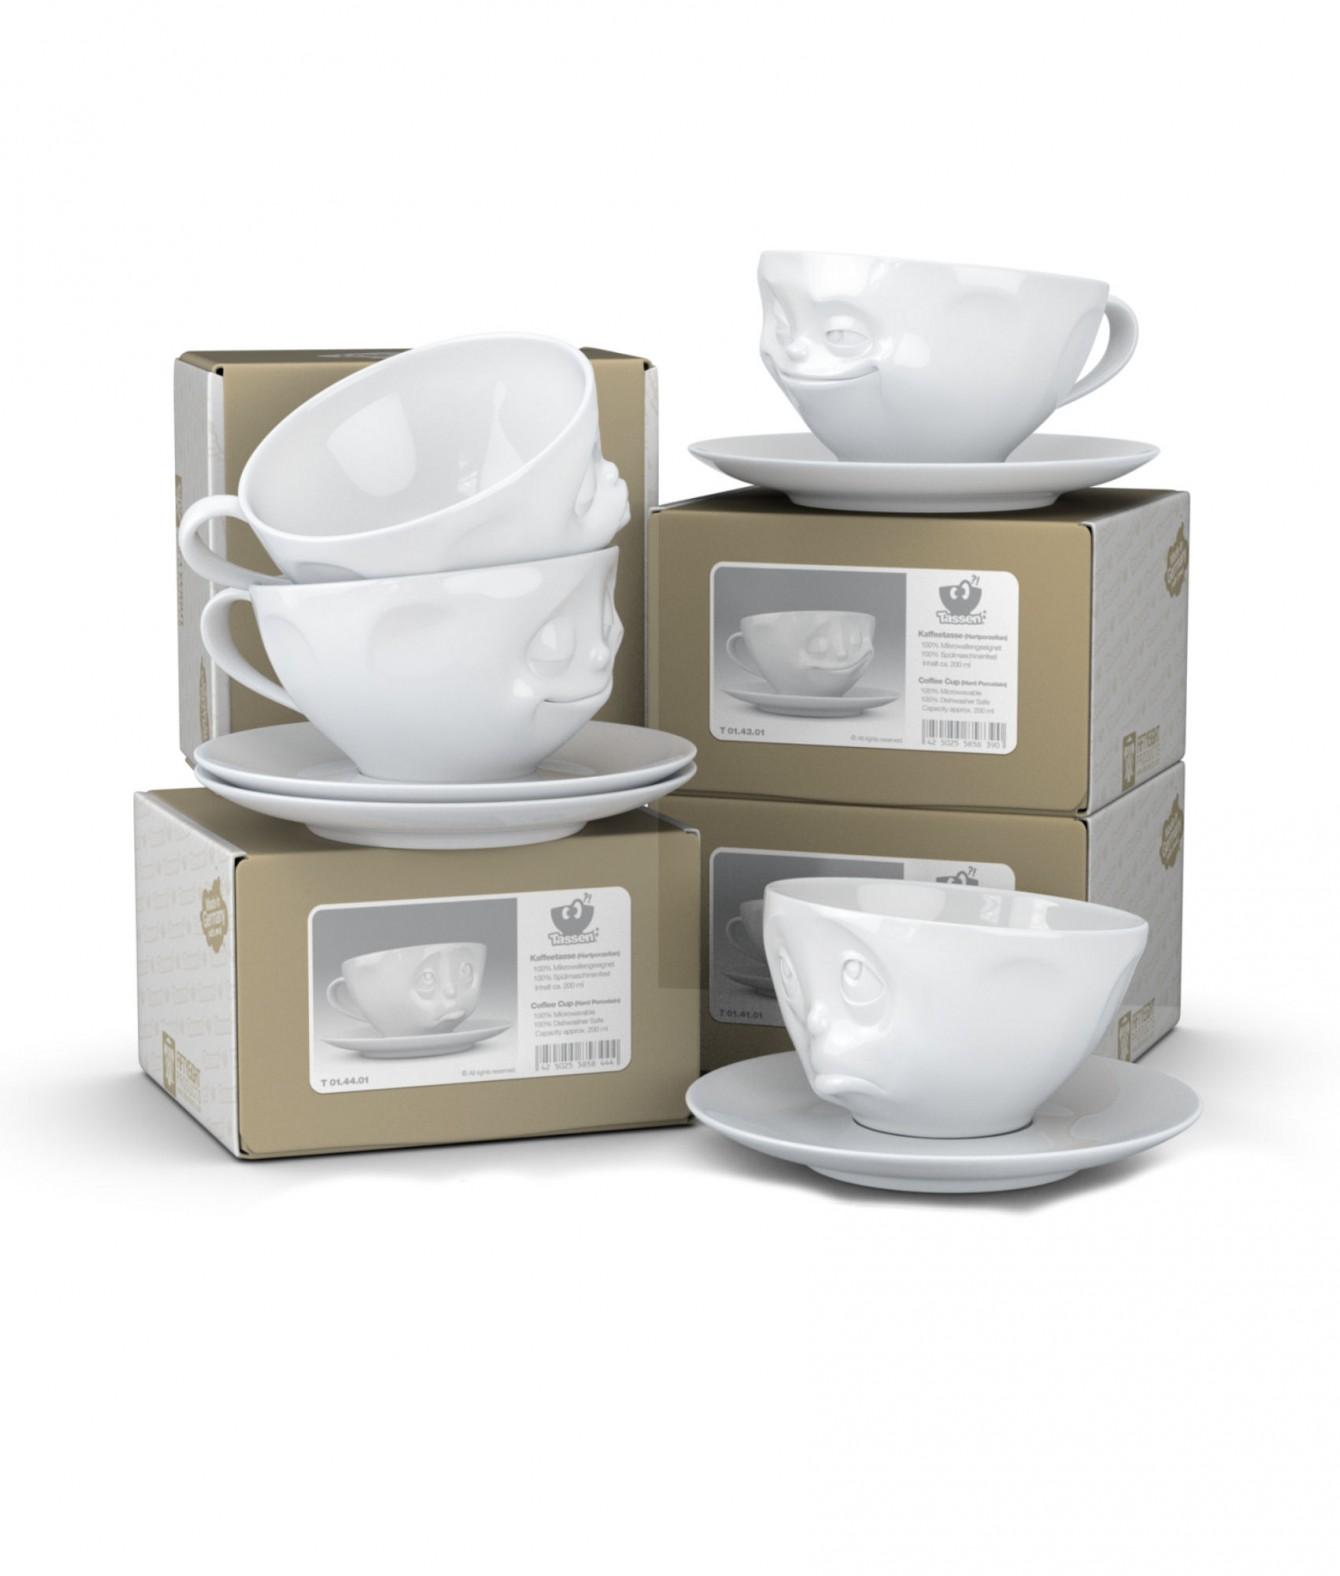 fiftyeight kaffeetassen 4er set bennett shop. Black Bedroom Furniture Sets. Home Design Ideas